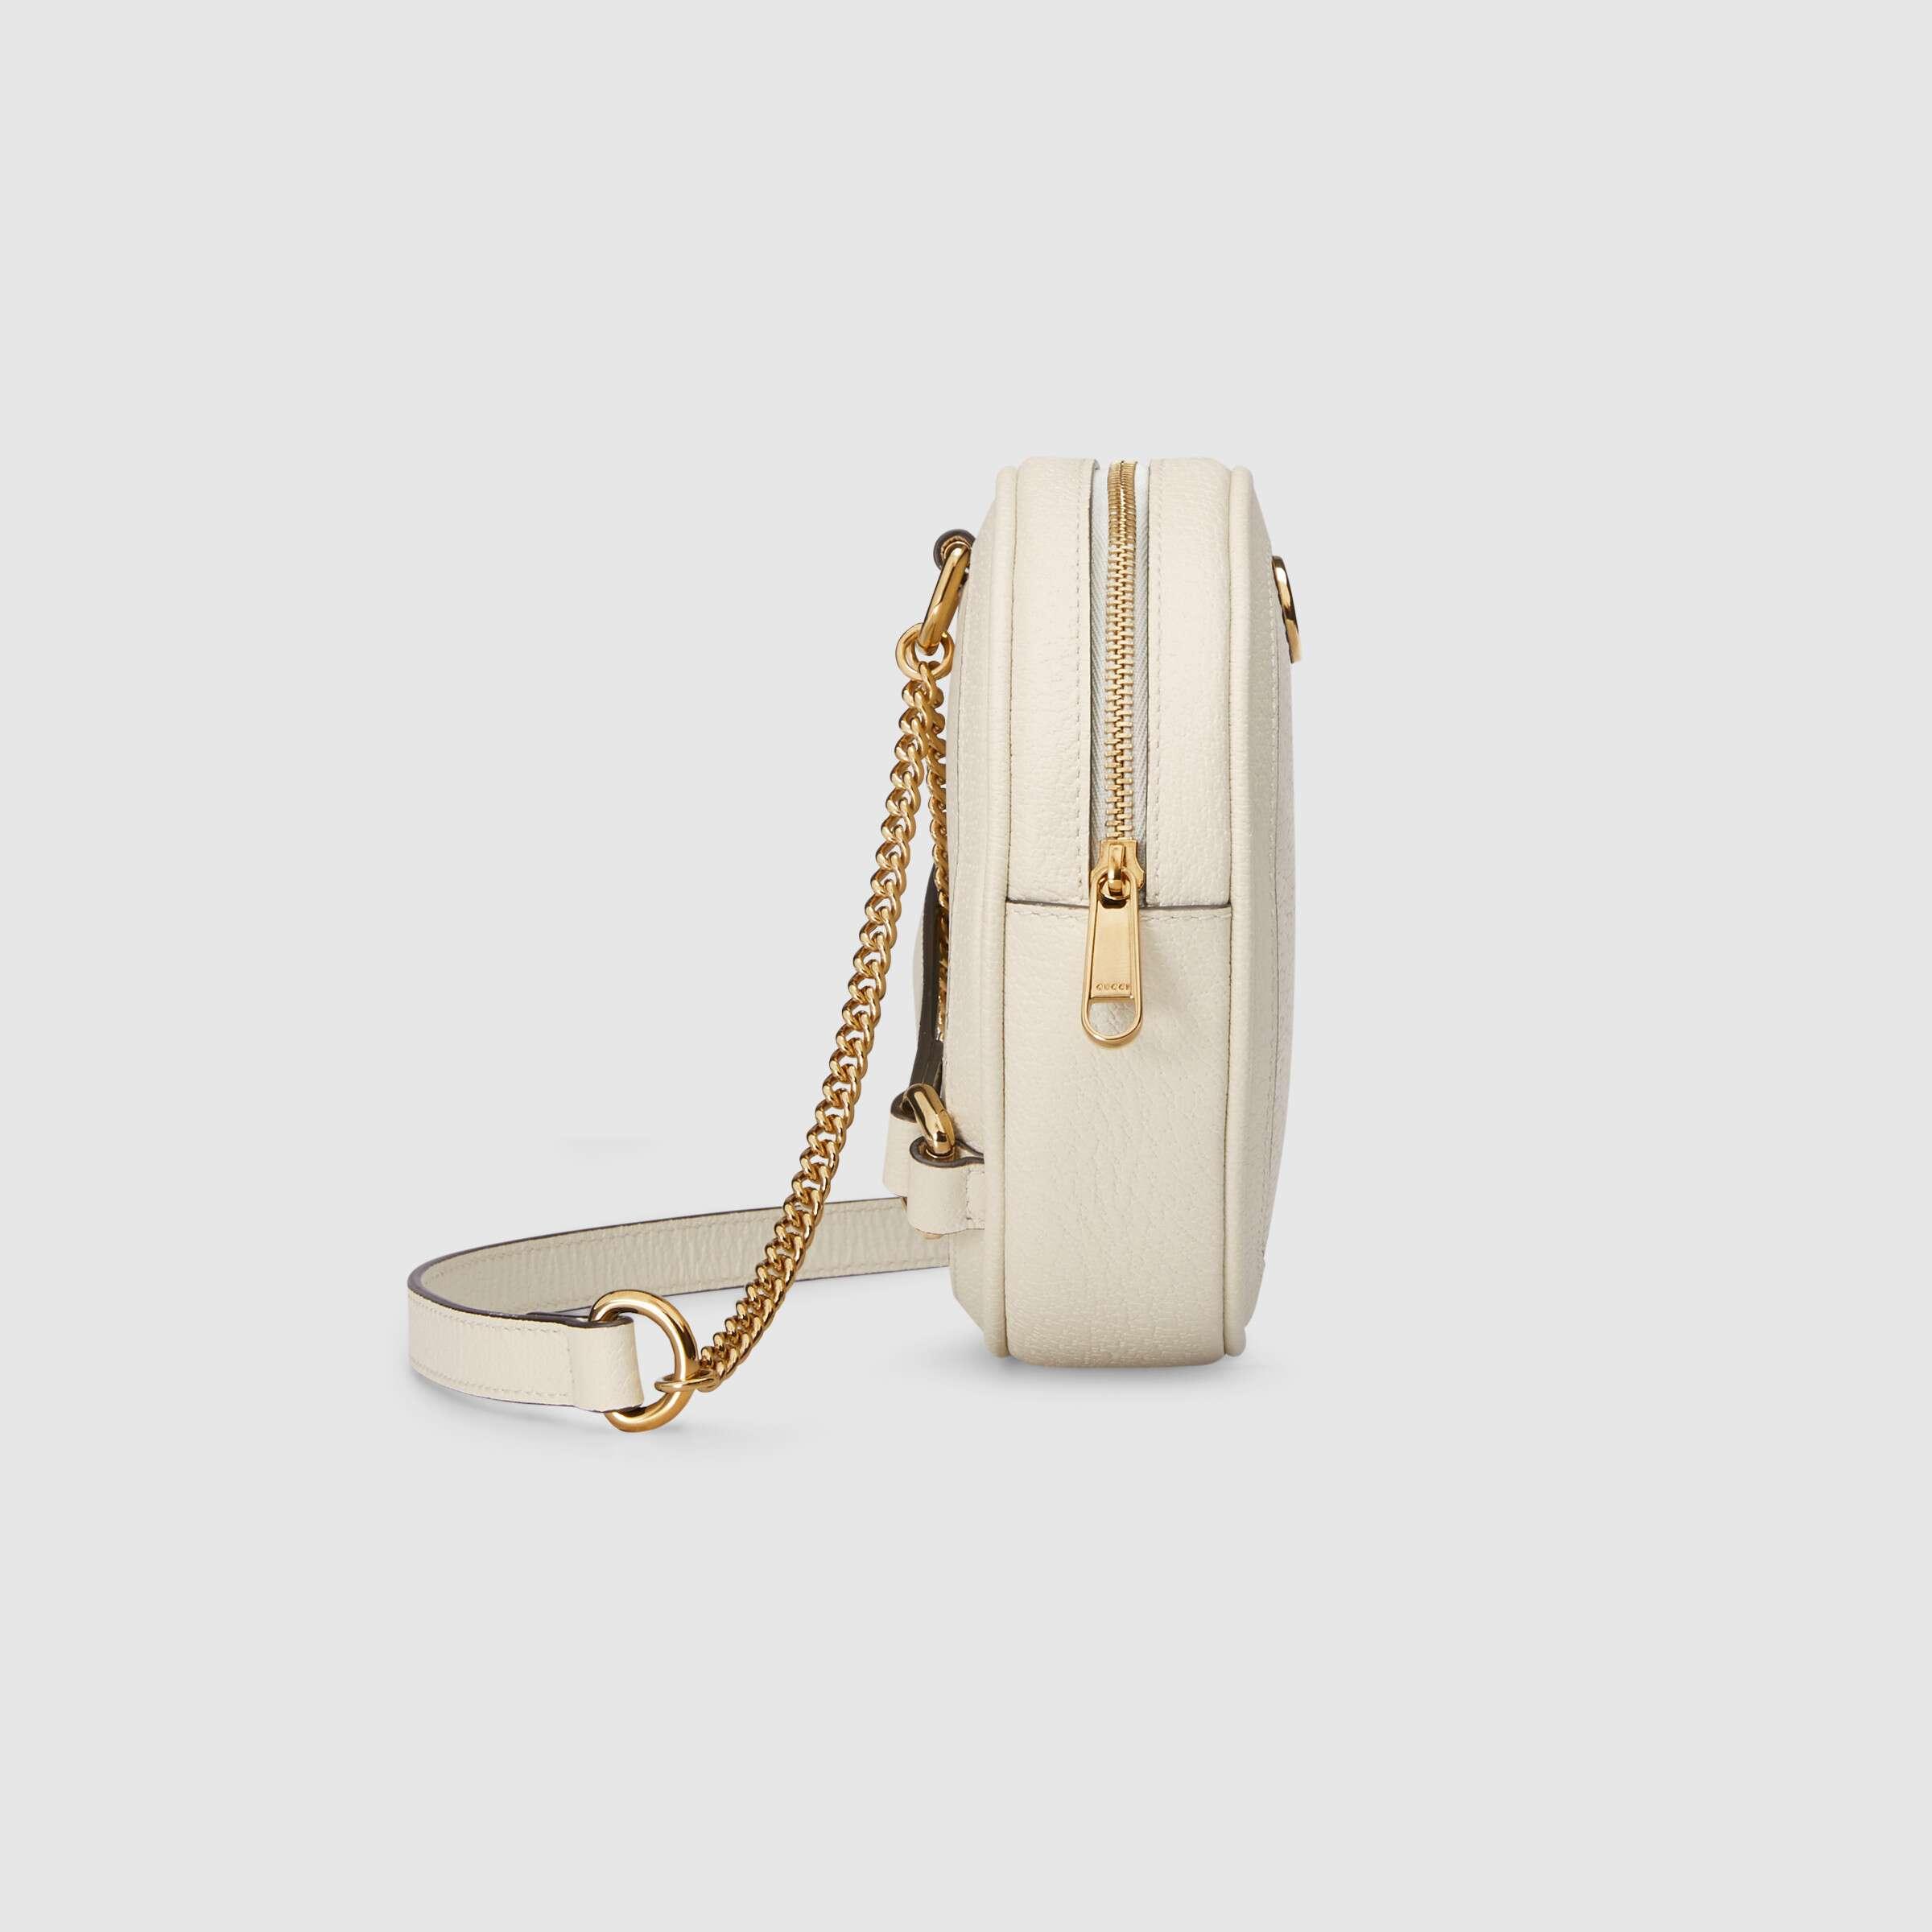 유럽직배송 구찌 오피디아 미니 백팩 GUCCI Ophidia mini backpack 598661DJ2DG8454